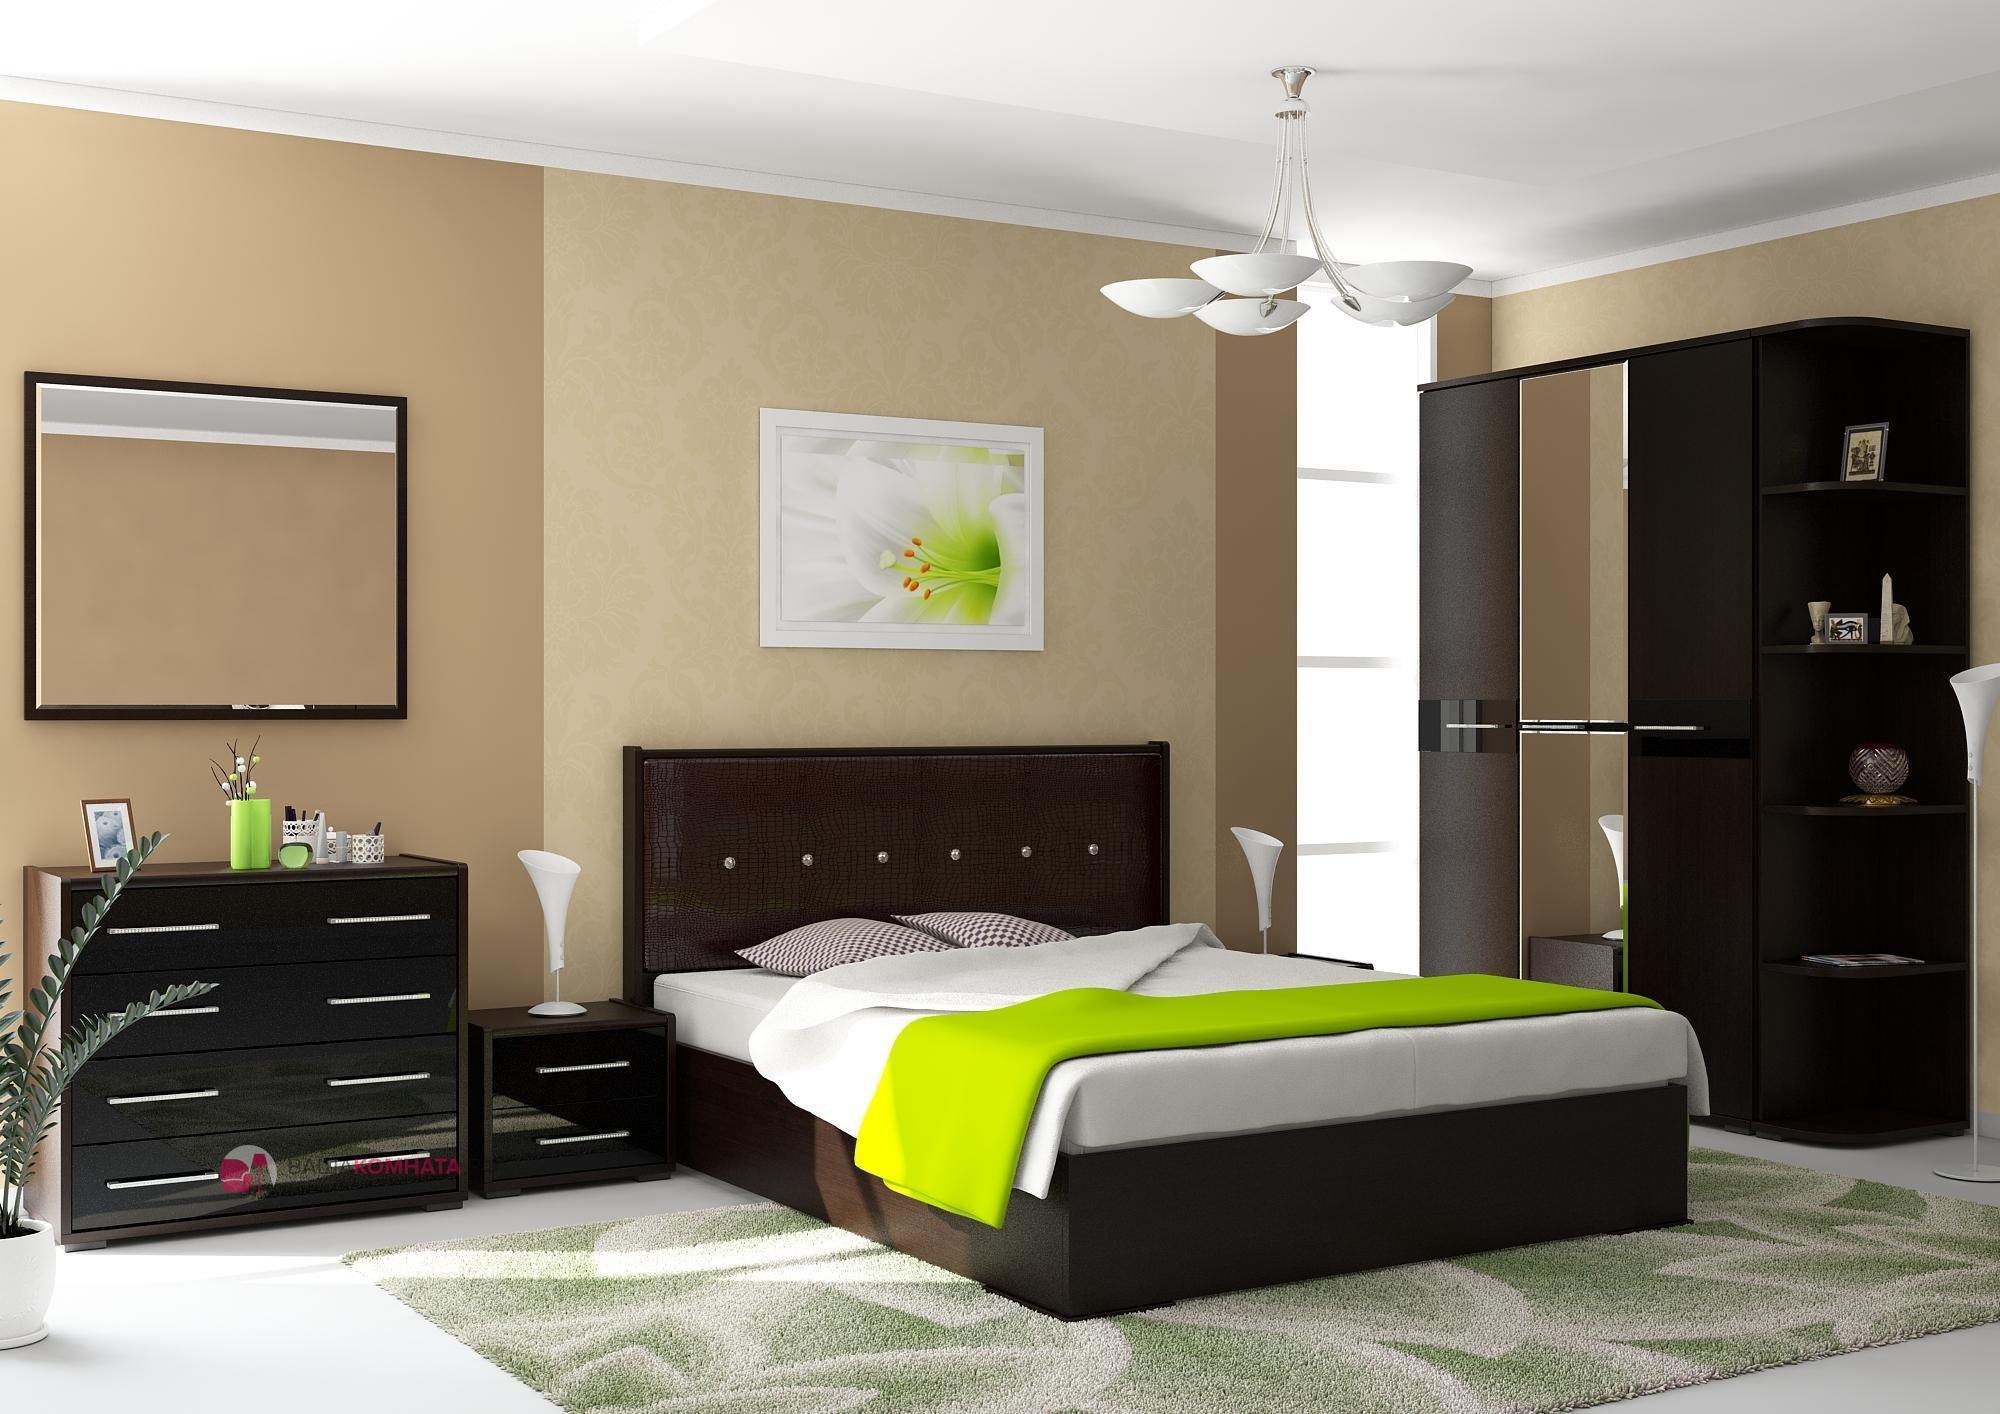 дизайн спальной комнаты и гарнитур фото видите